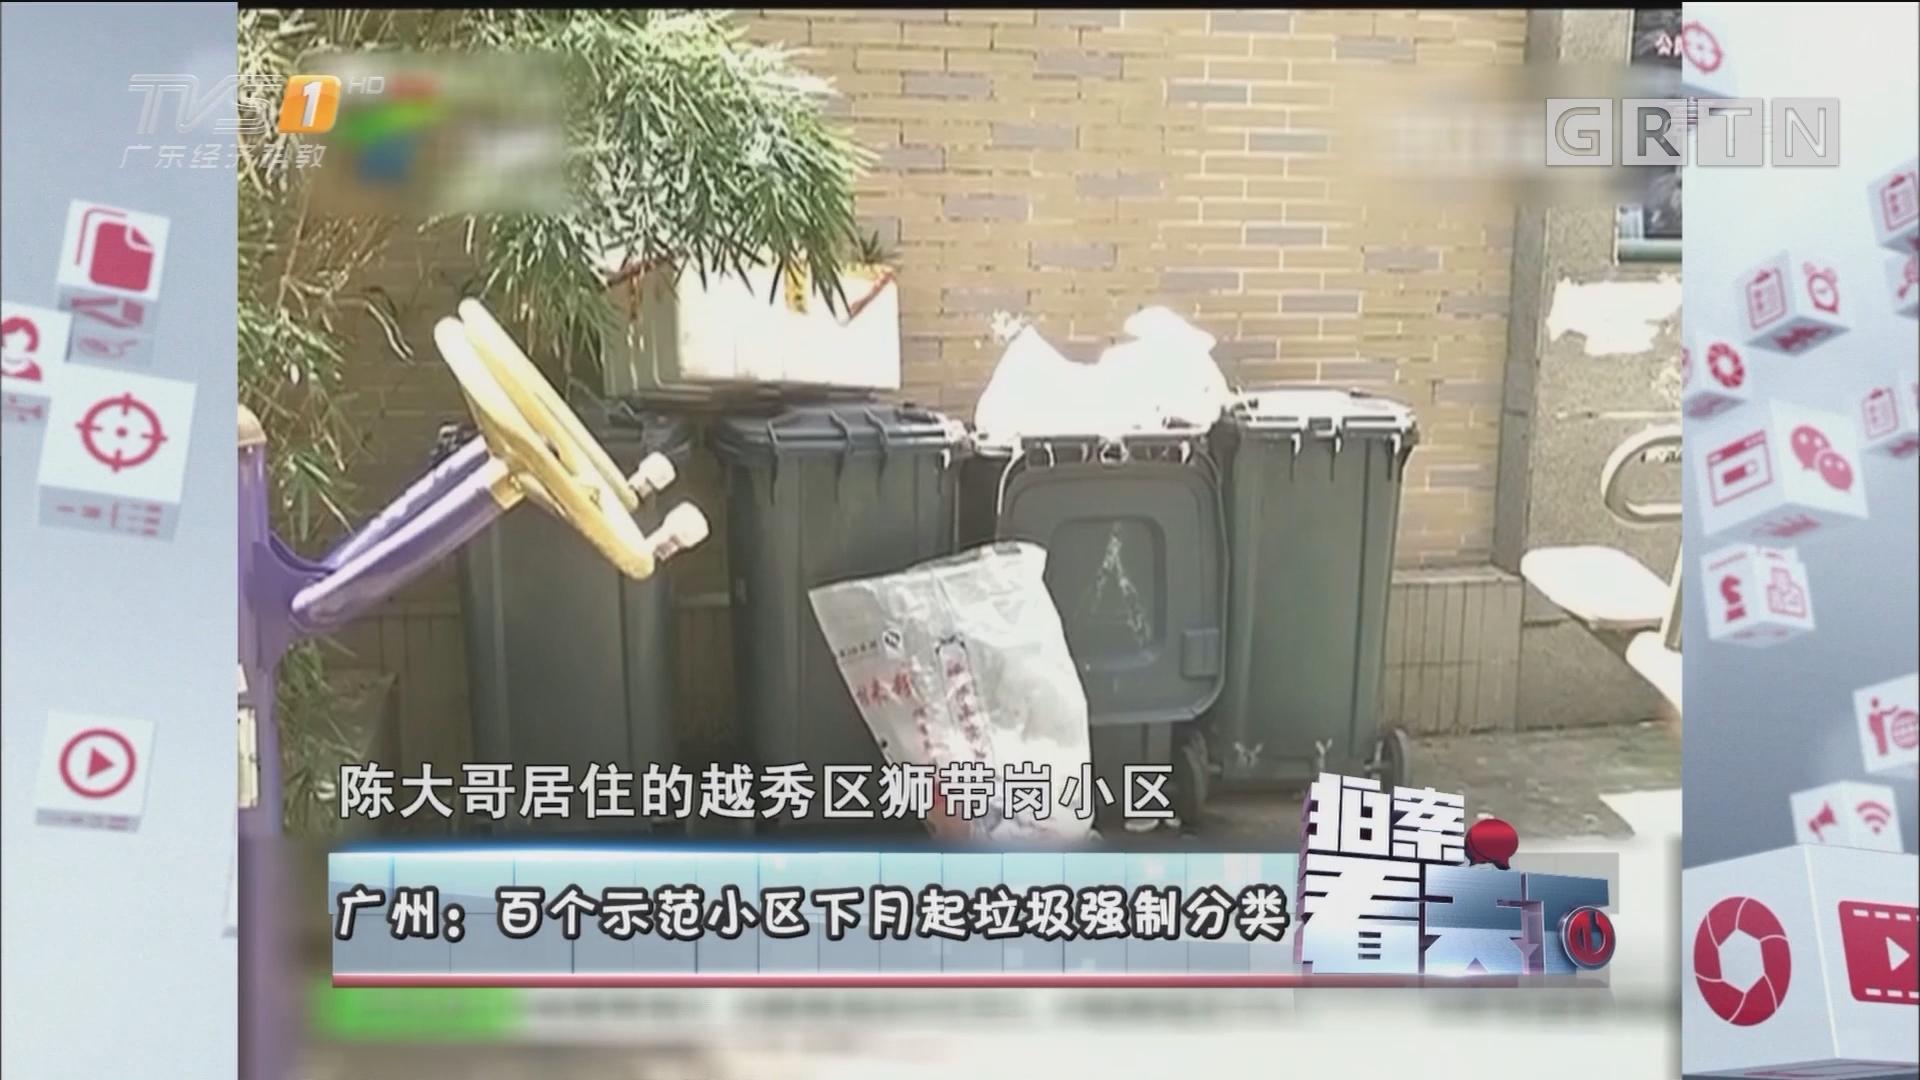 [HD][2017-08-30]拍案看天下:广州:百个示范小区下月起垃圾强制分类